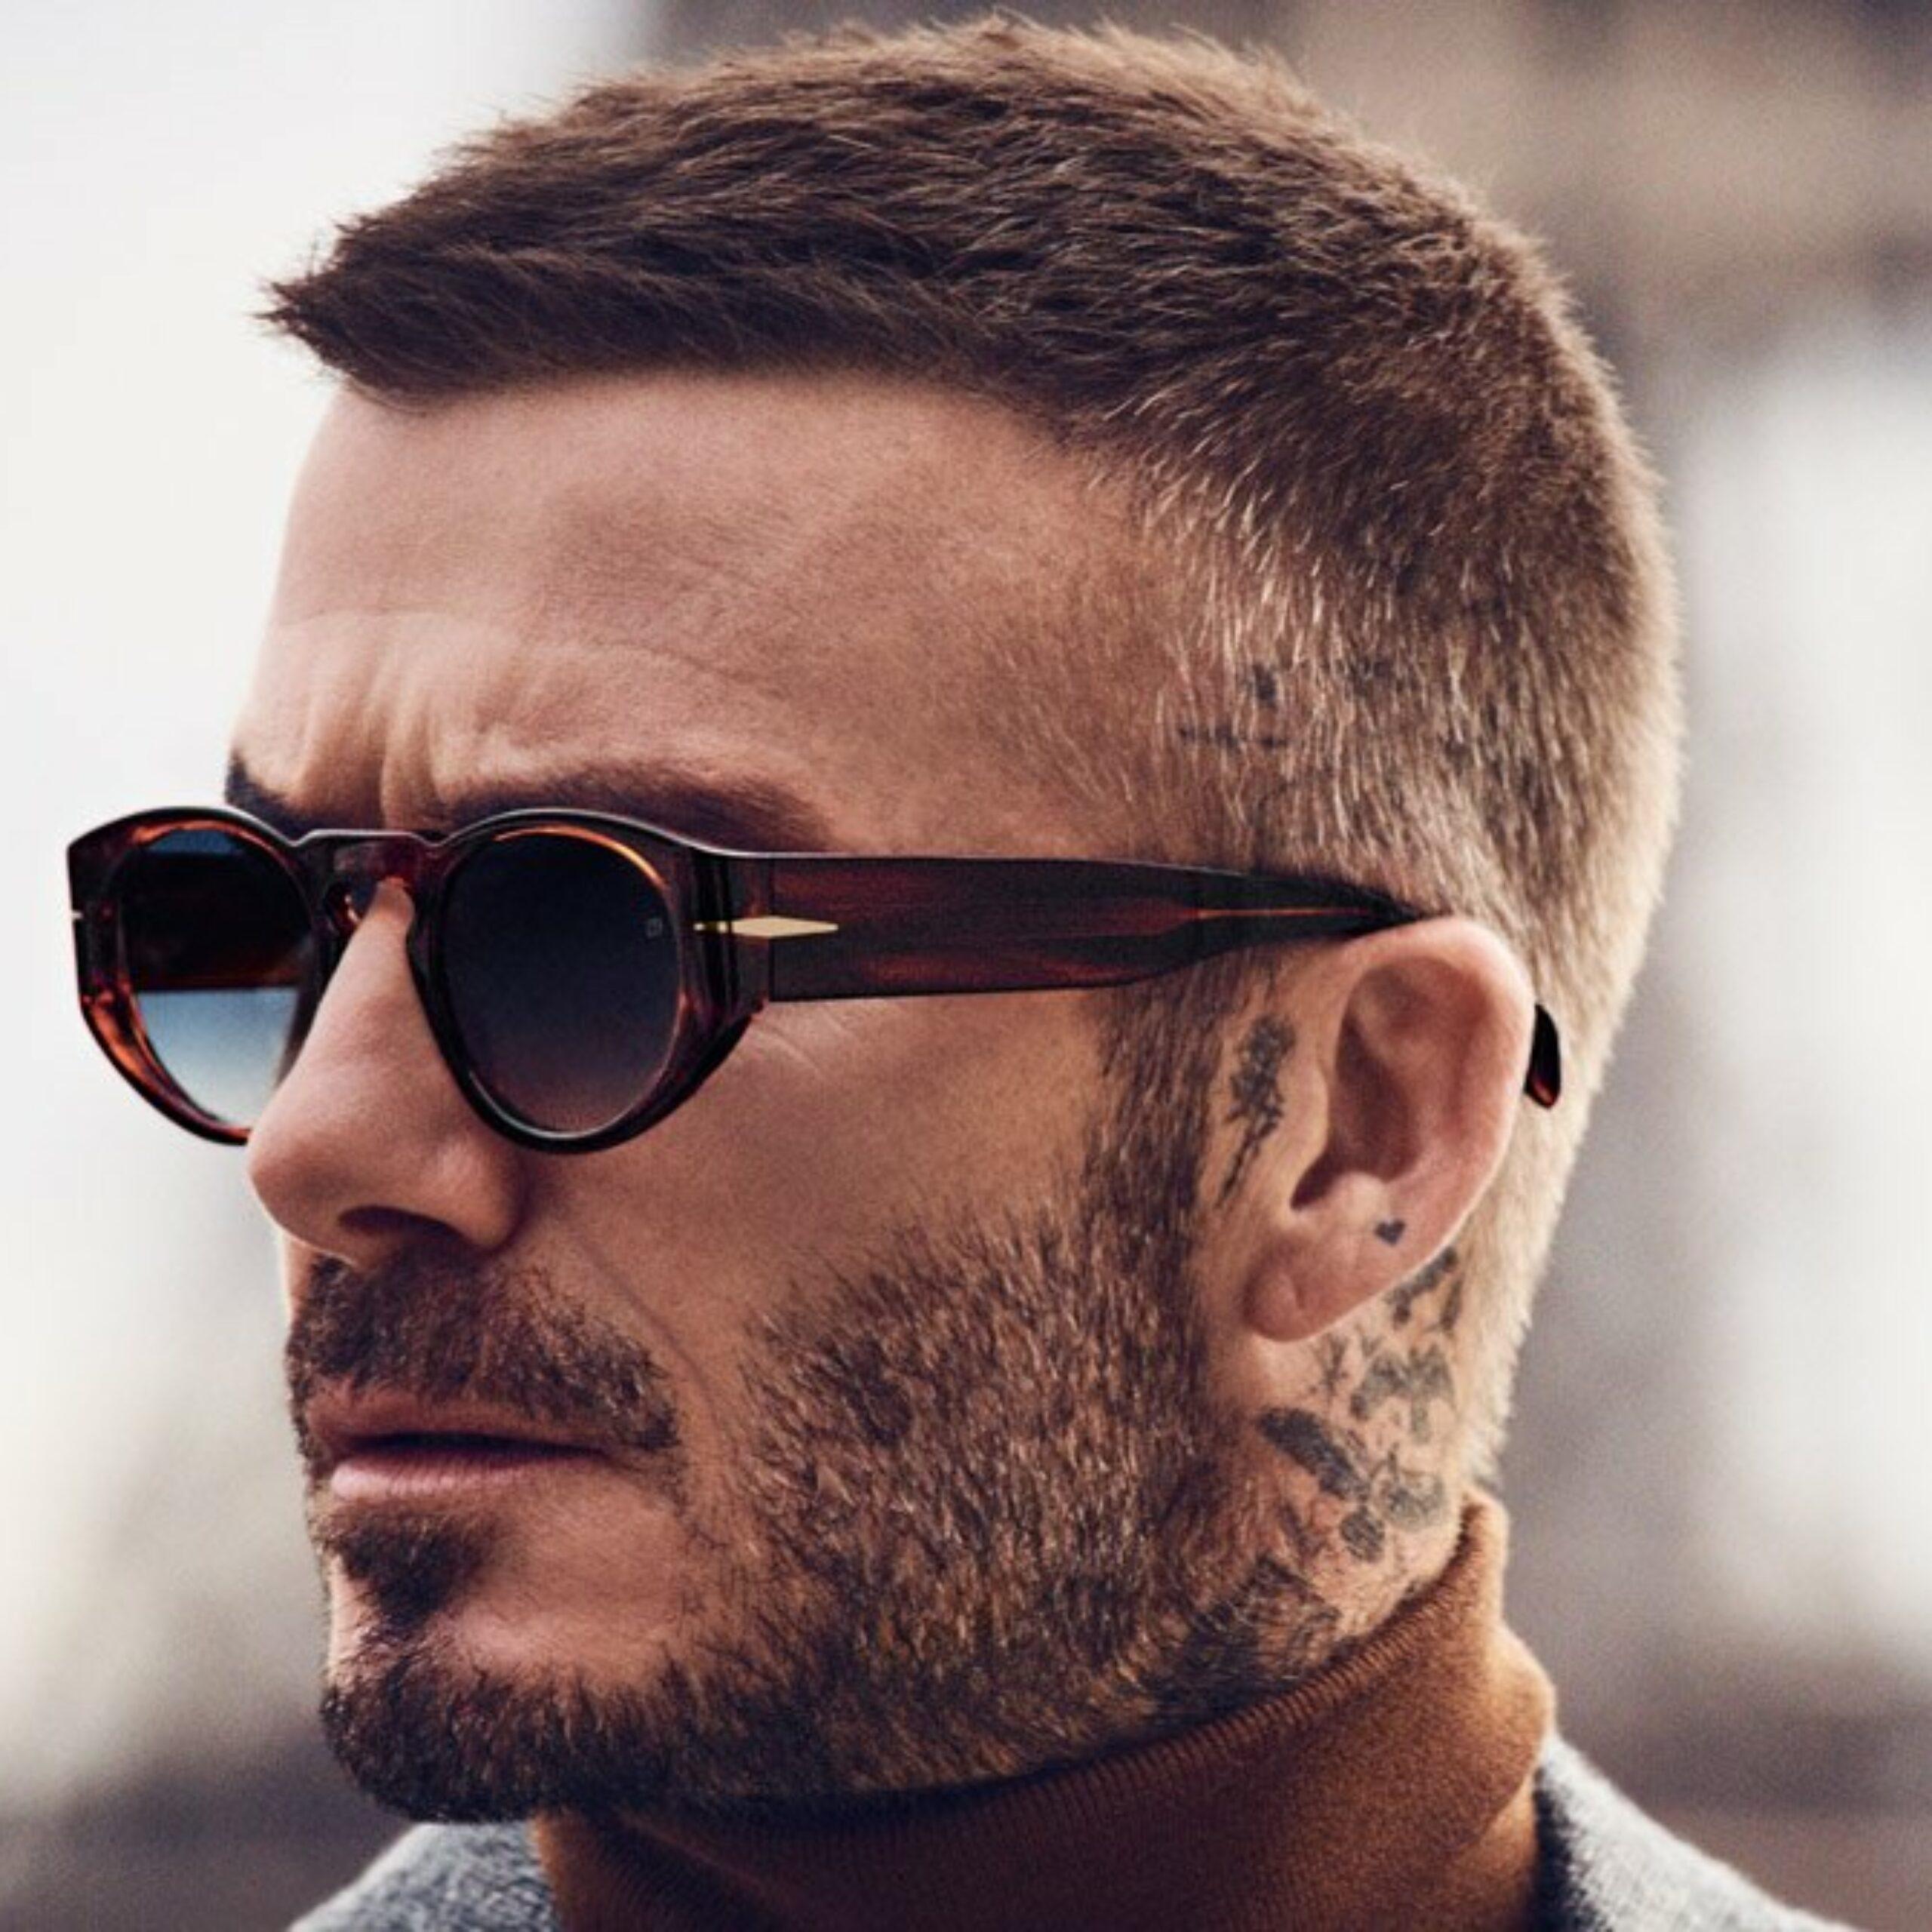 David Beckham eyewear • Frames and Faces Deinze